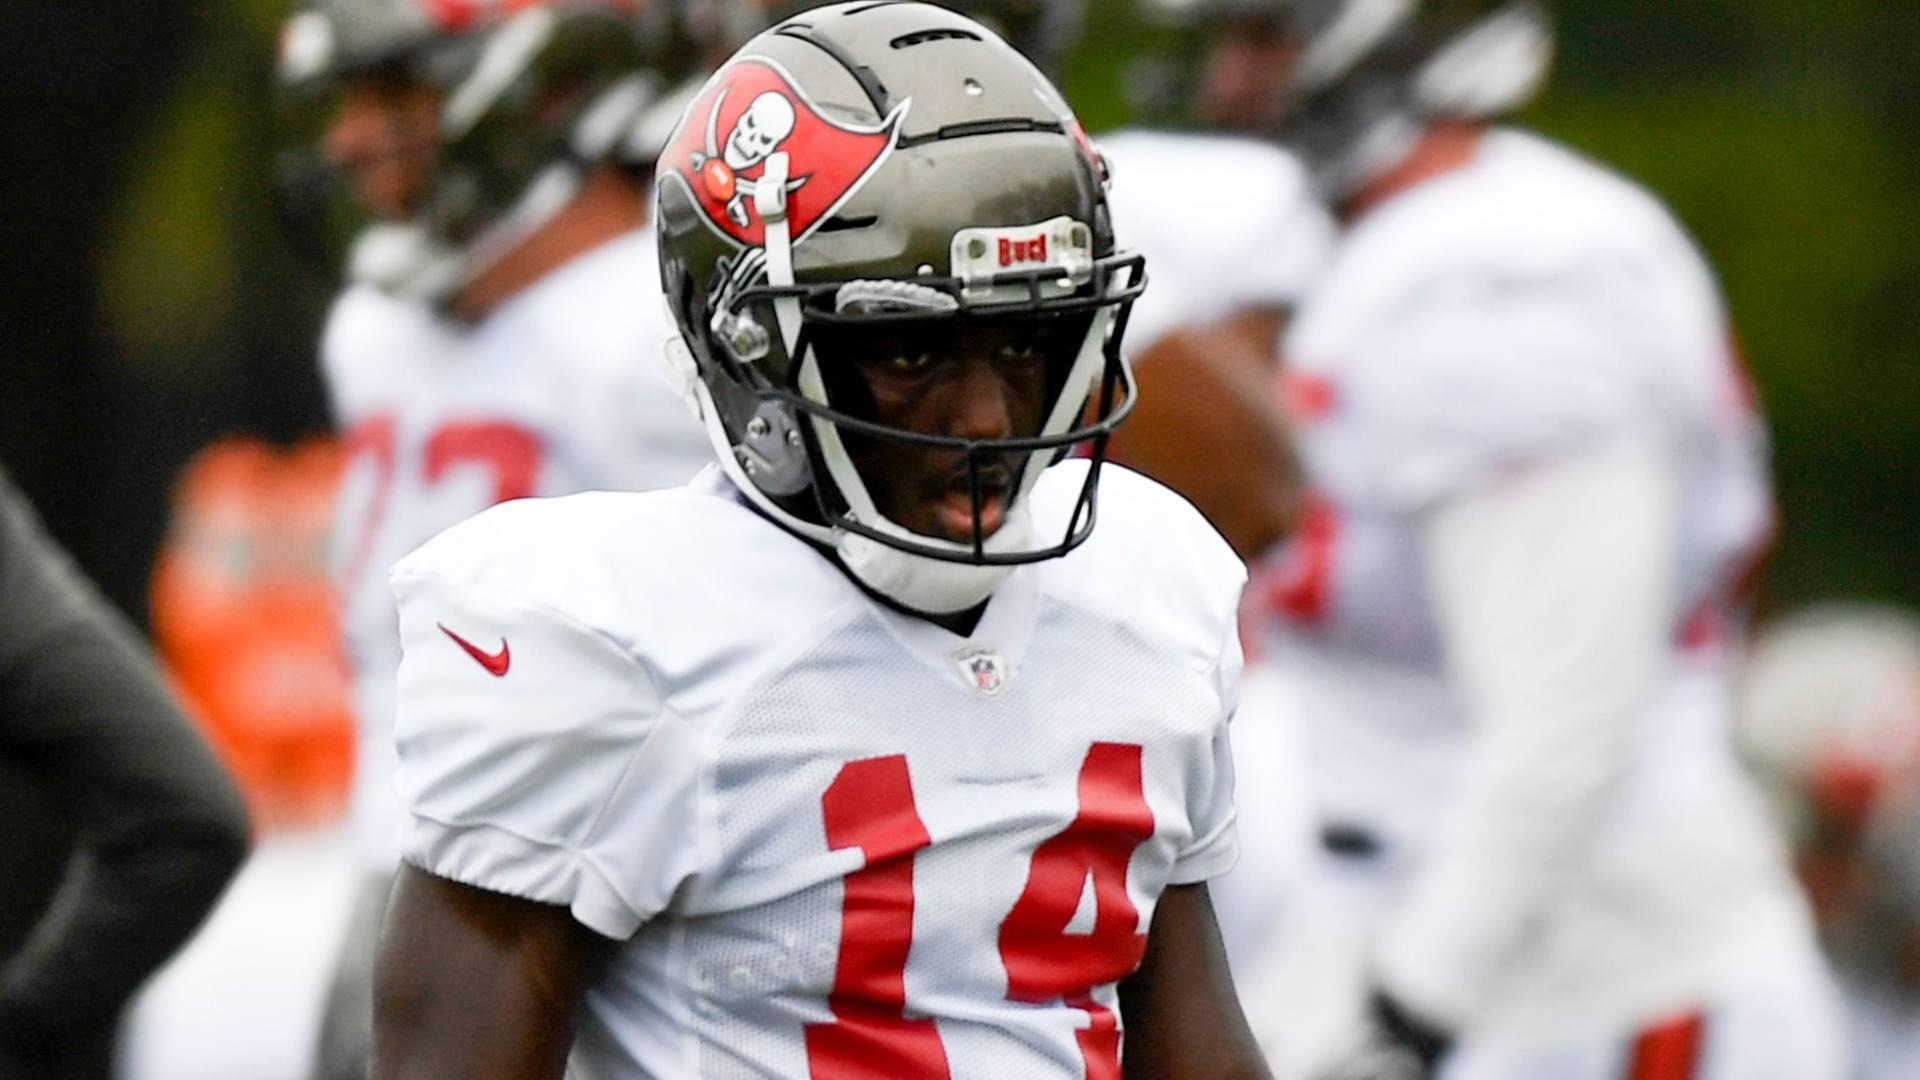 Agência gratuita da NFL: 8 melhores candidatos para a marca de franquia em 2021